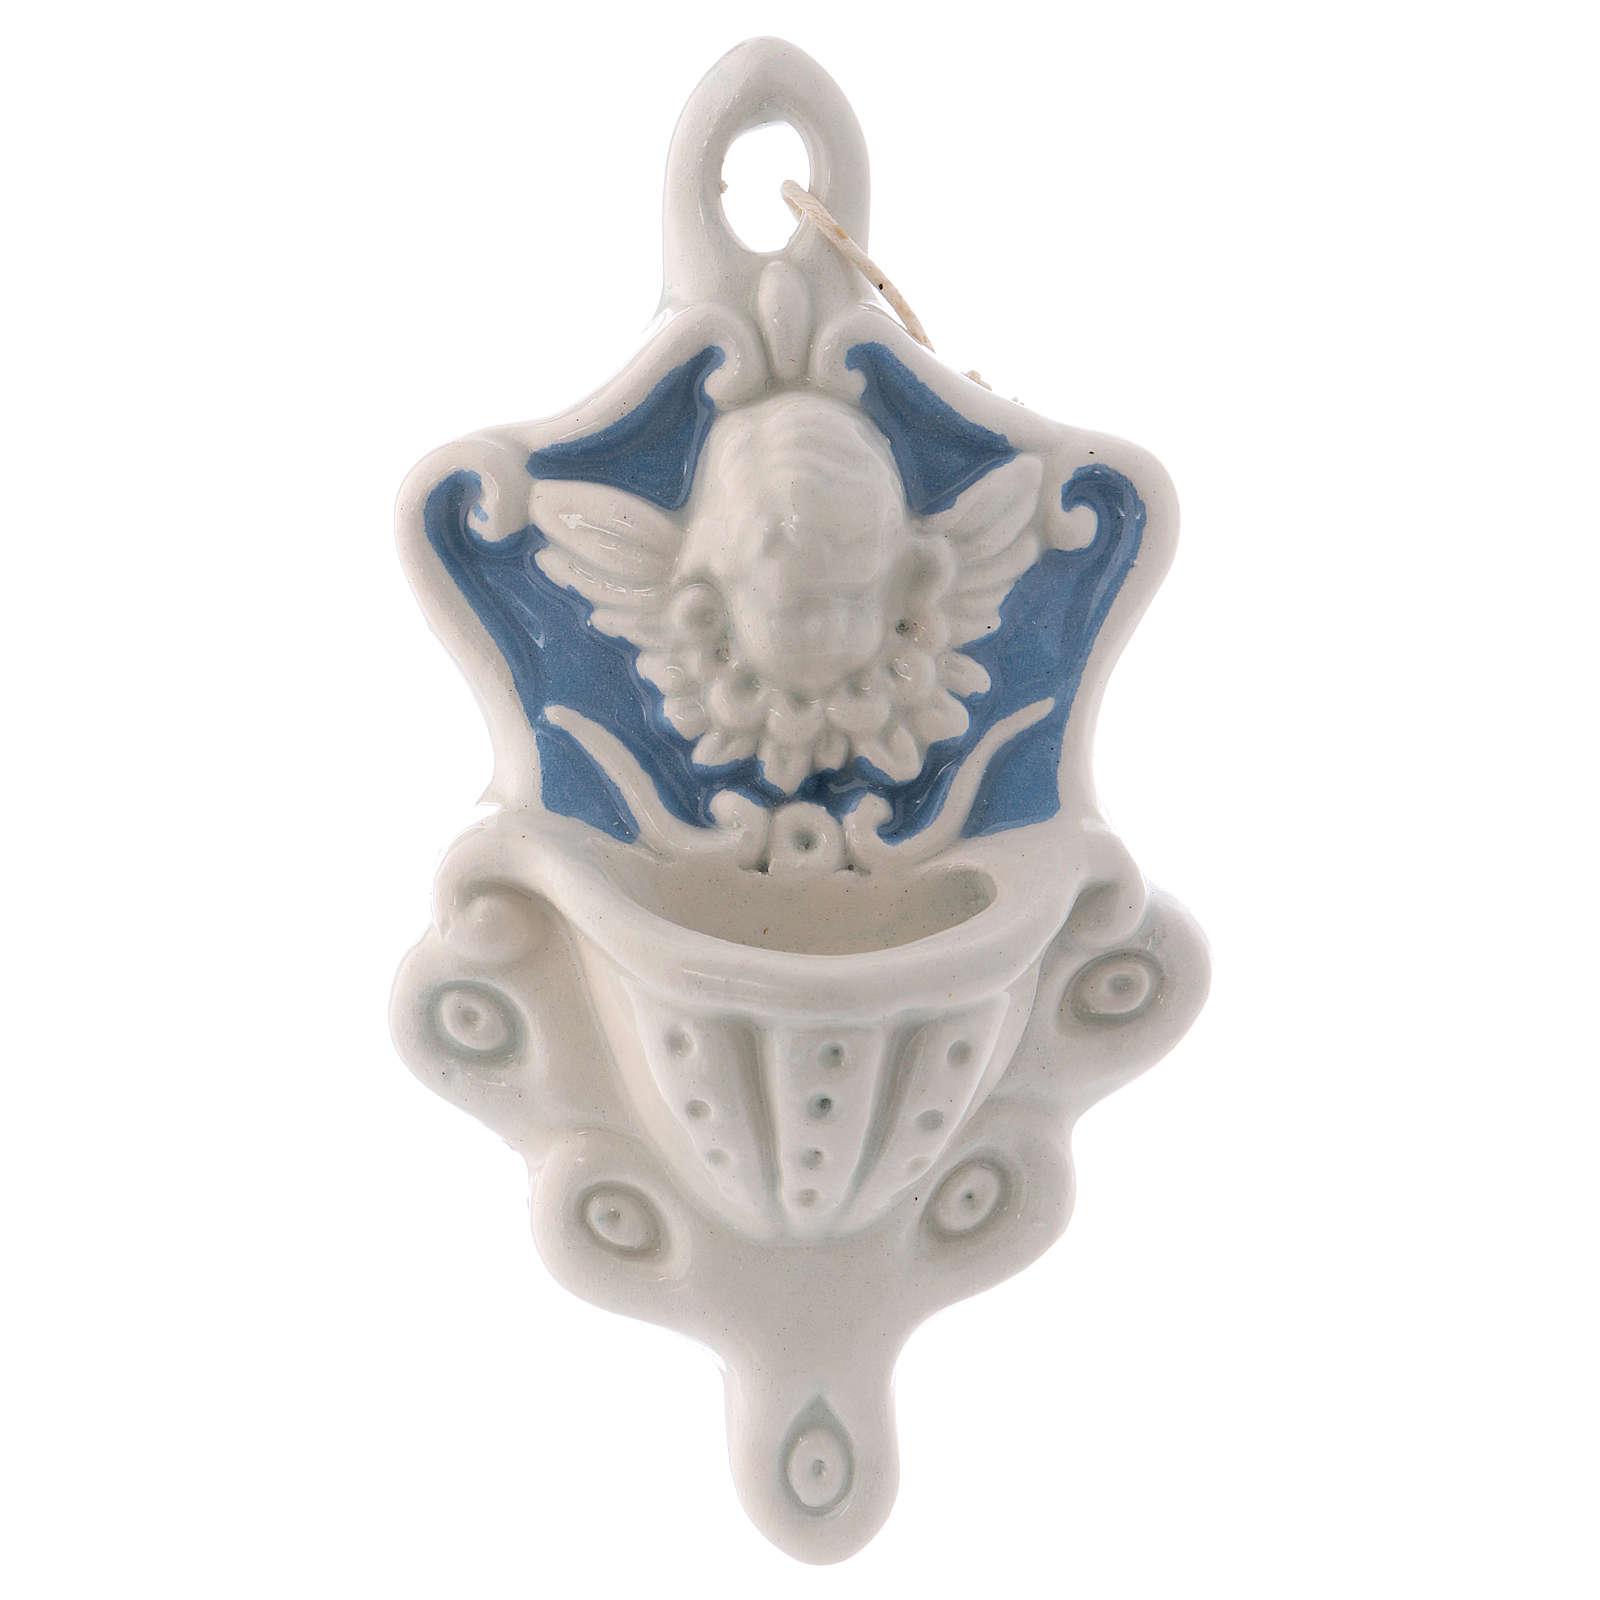 Pia água benta cerâmica Deruta anjinho fundo azul decorada com gravuras 10x5x5 cm 4